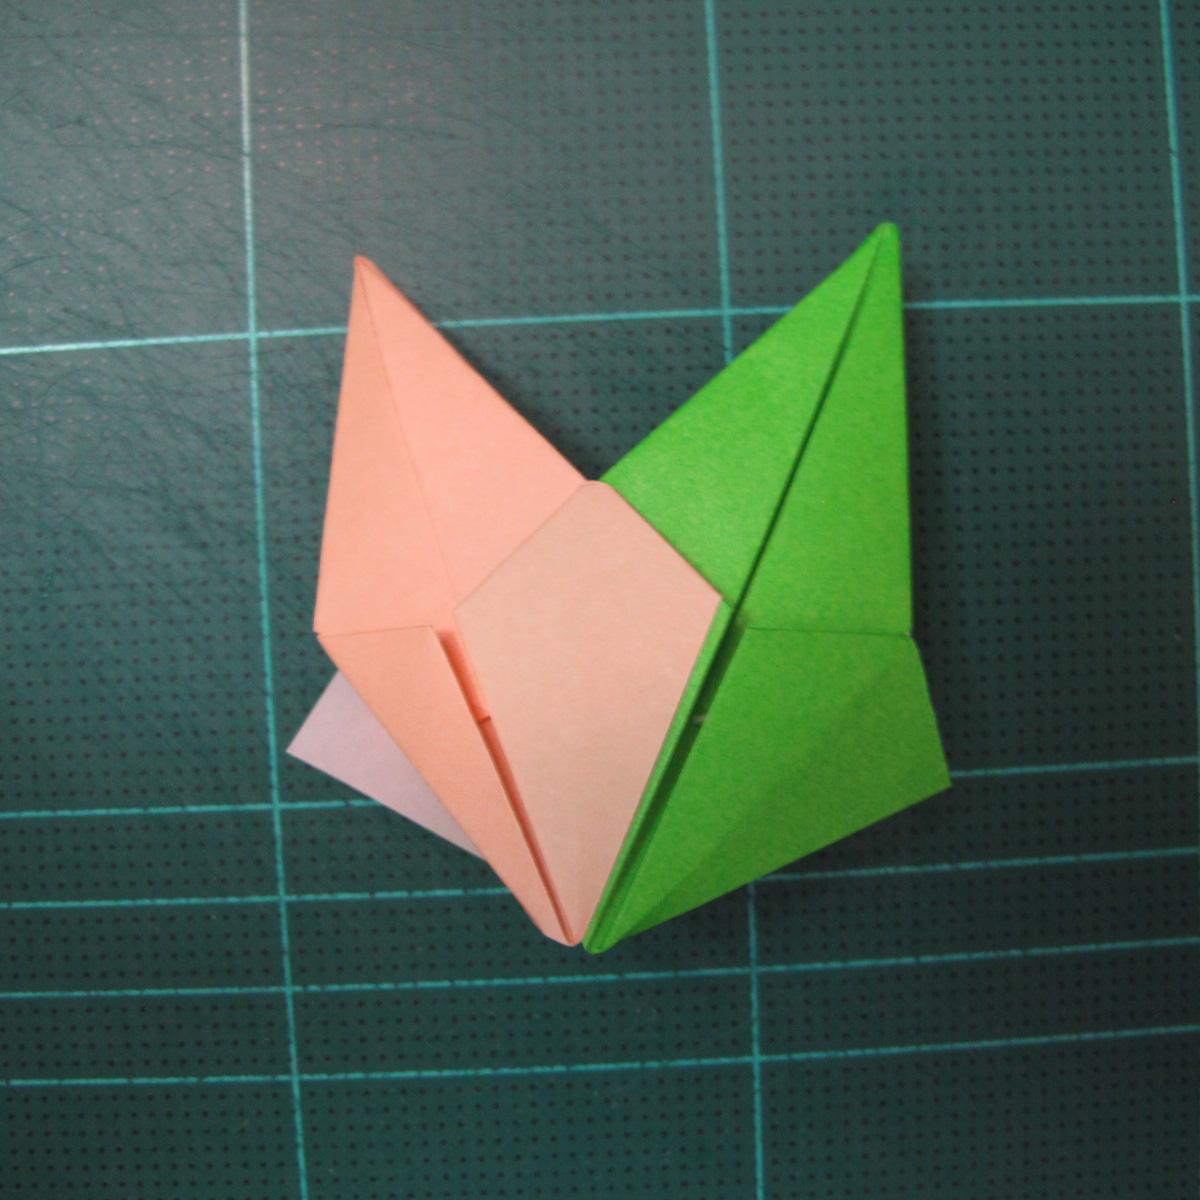 การพับกระดาษแบบโมดูล่าเป็นดาวสปาราซิส (Modular Origami Sparaxis Star) 020